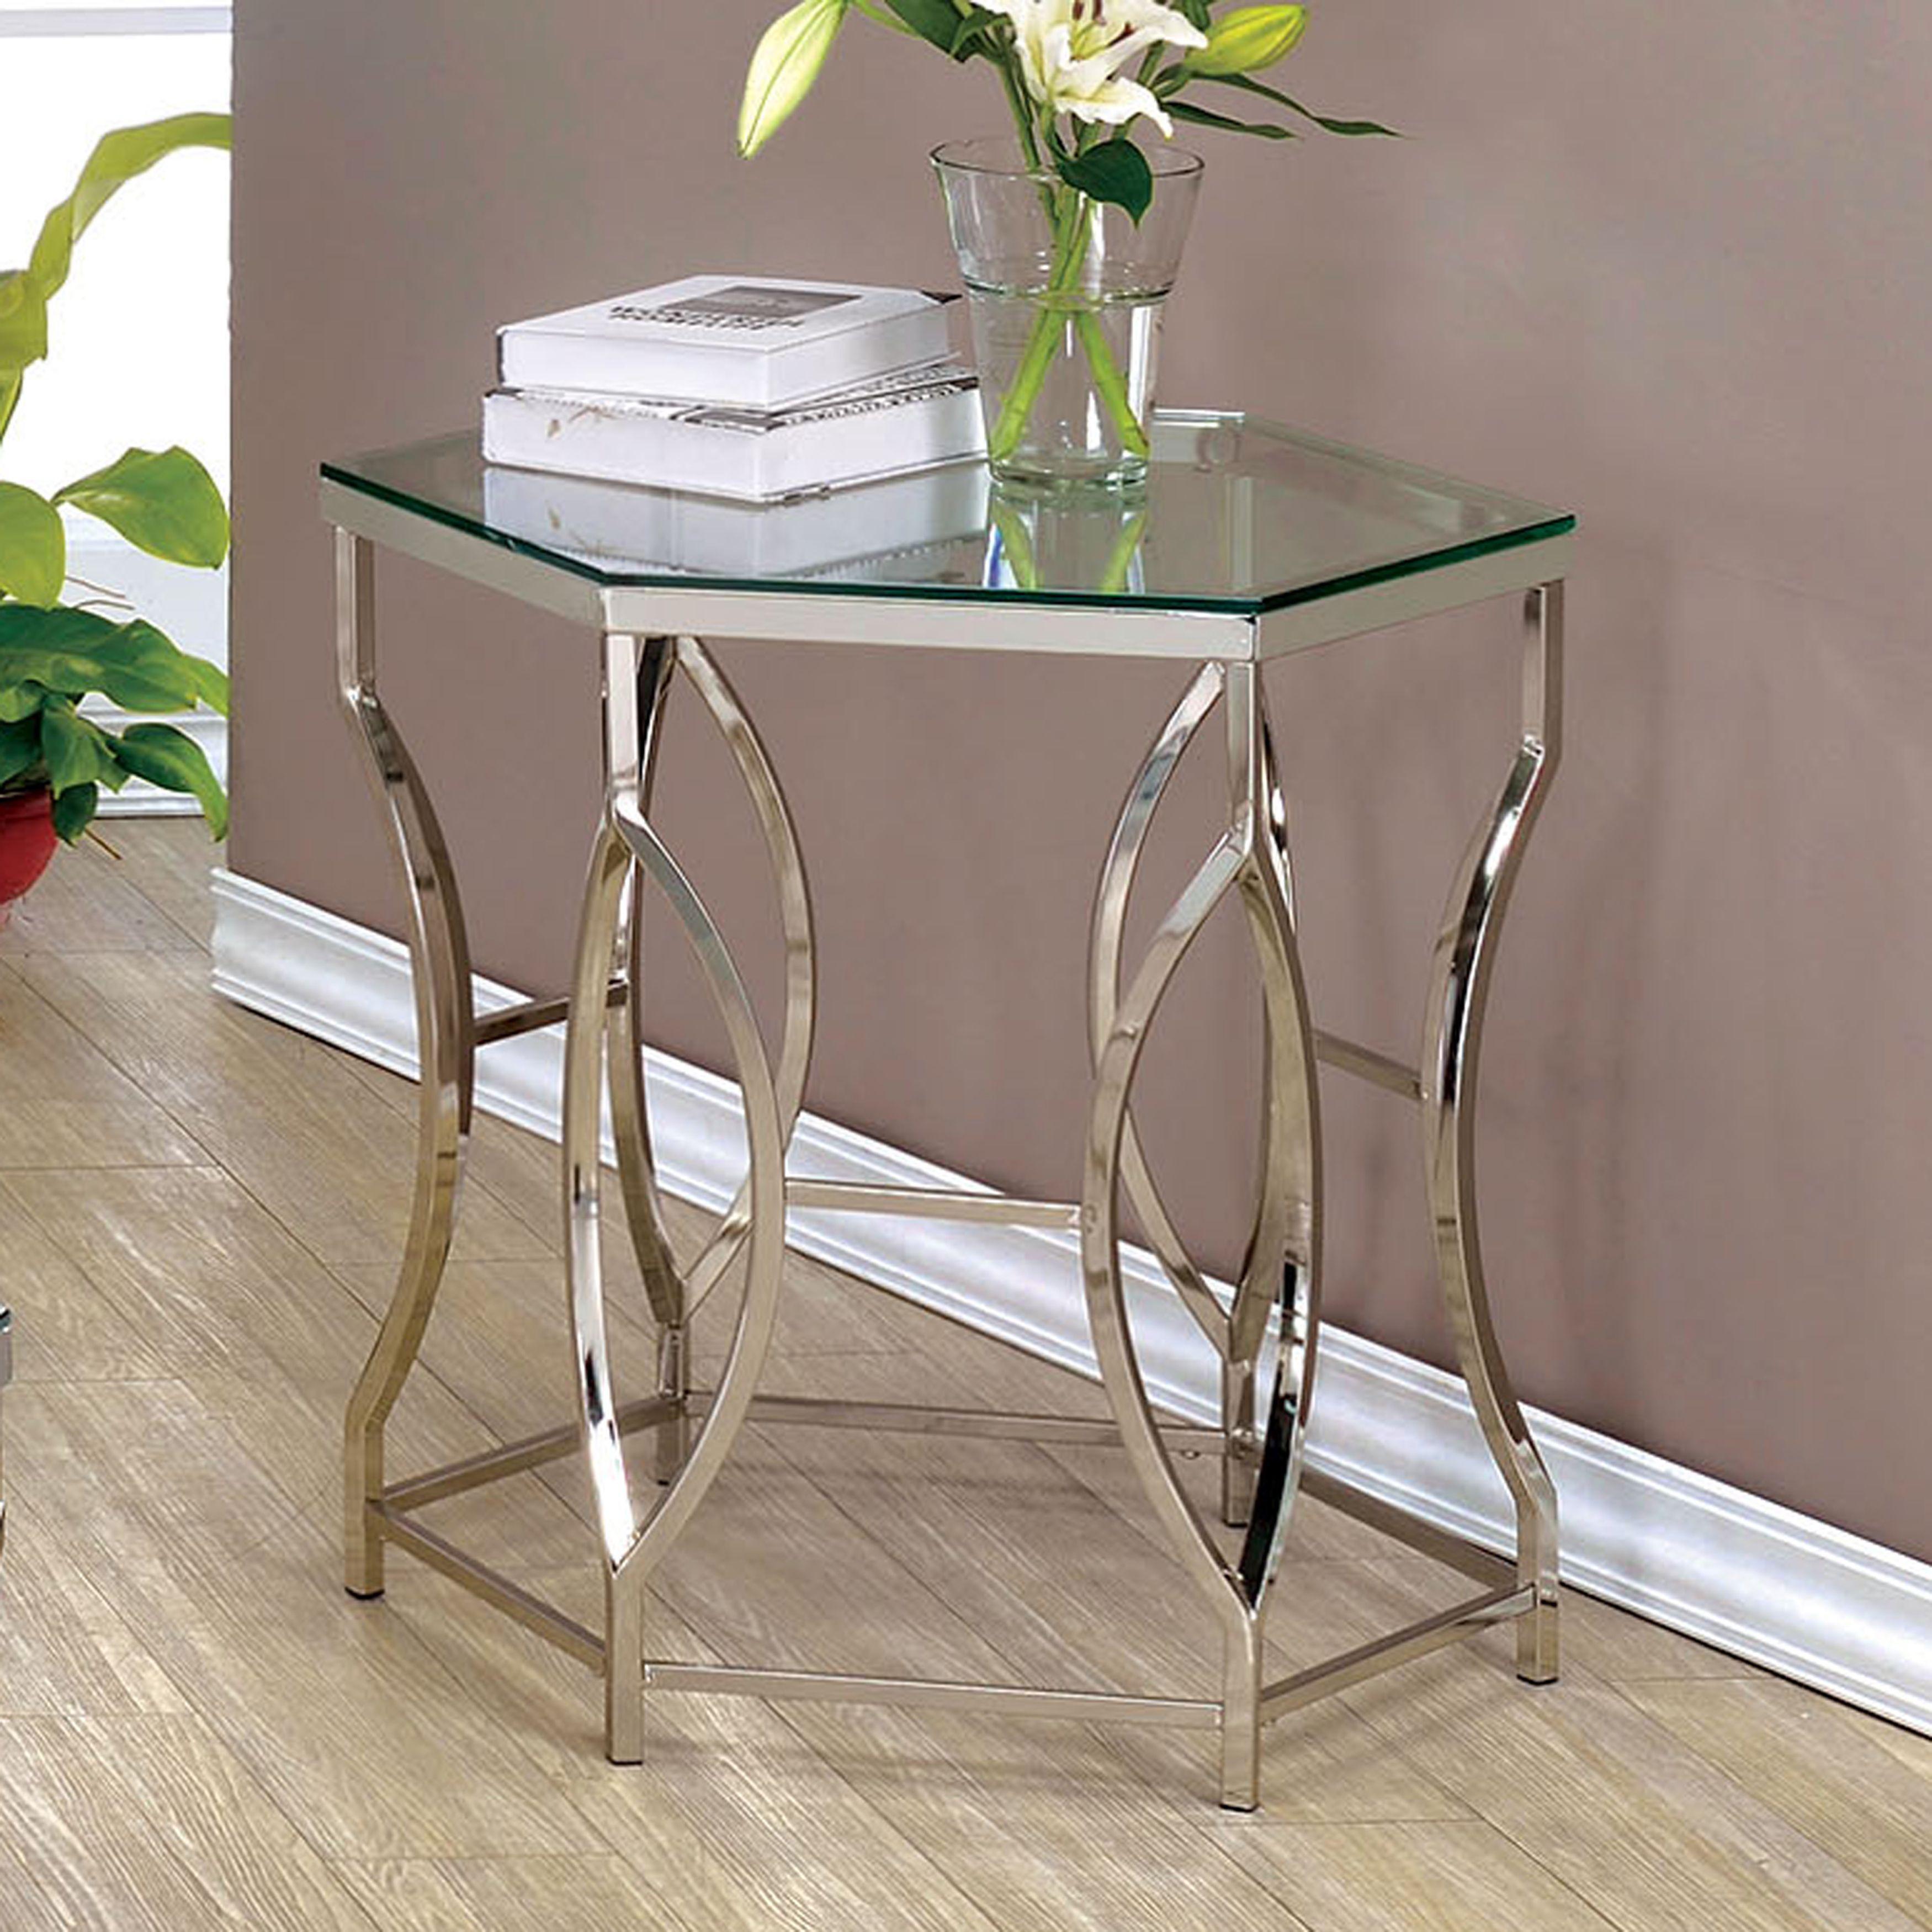 Furniture Of America Martello Contemporary Chrome Glass Top